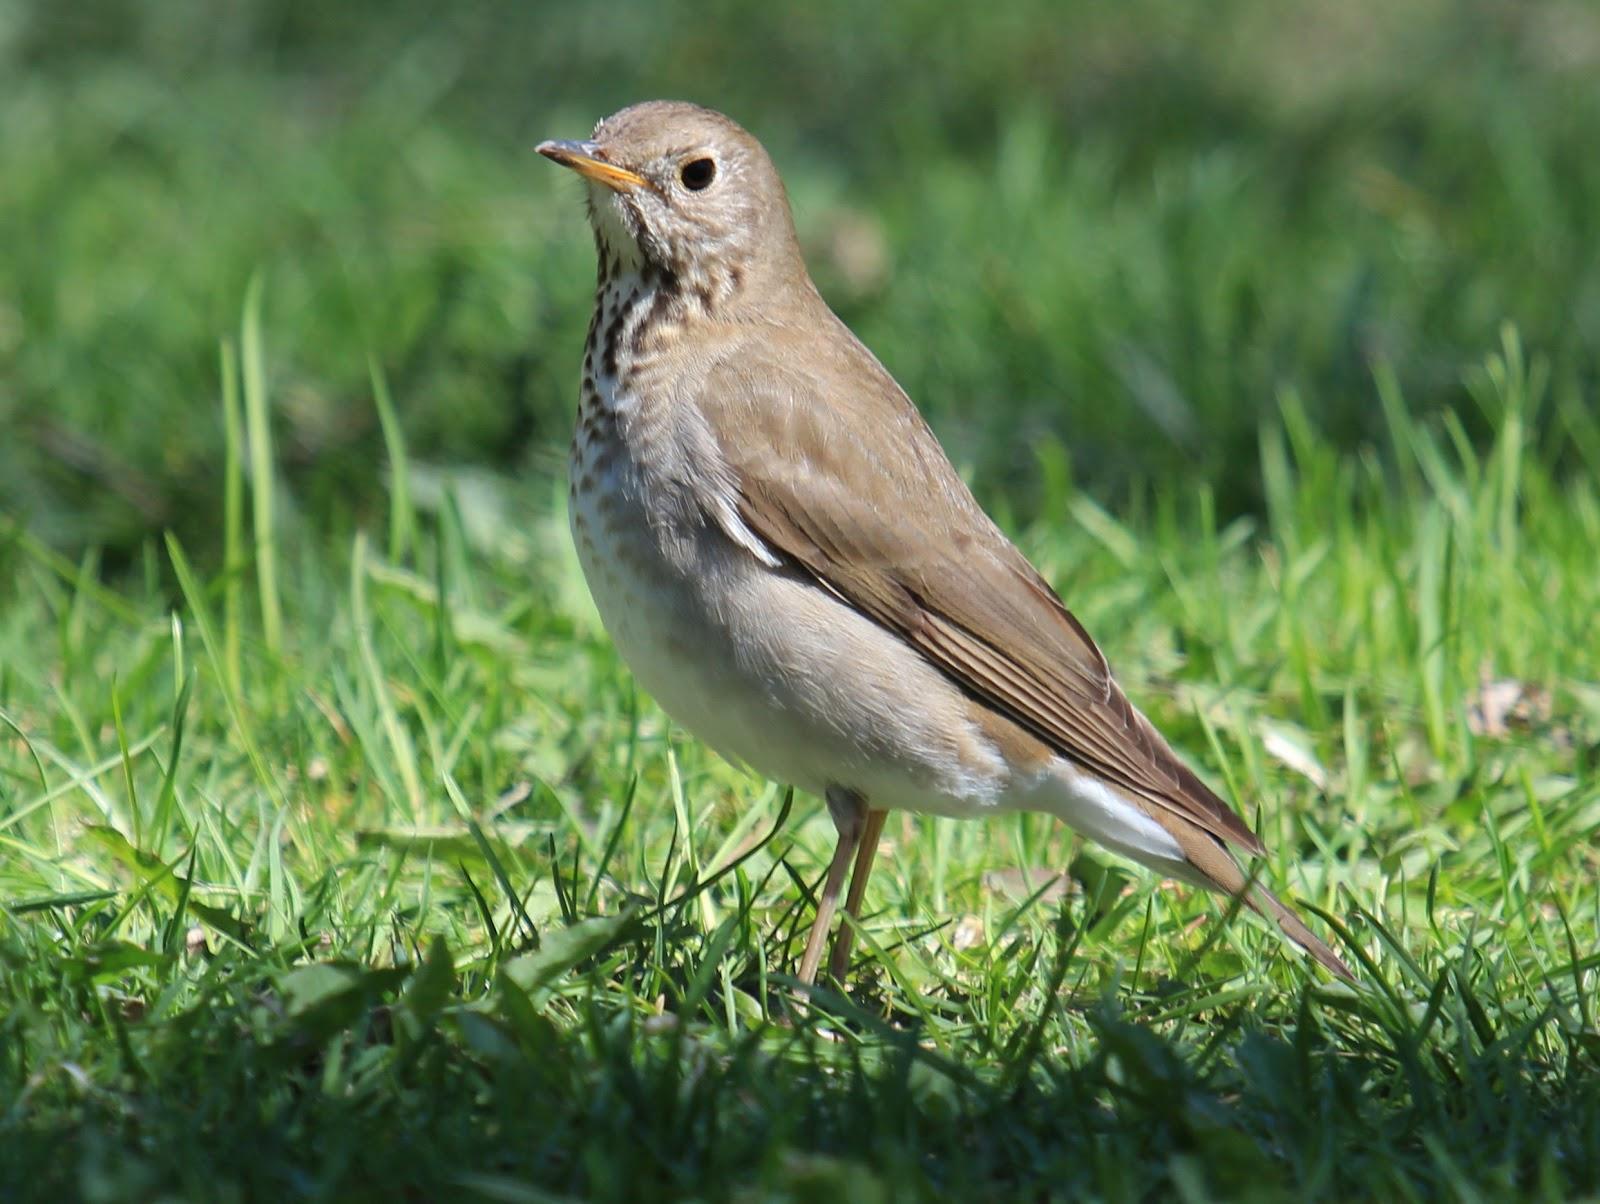 Gray-cheeked Thrush-robin relativeGray Cheeked Thrush